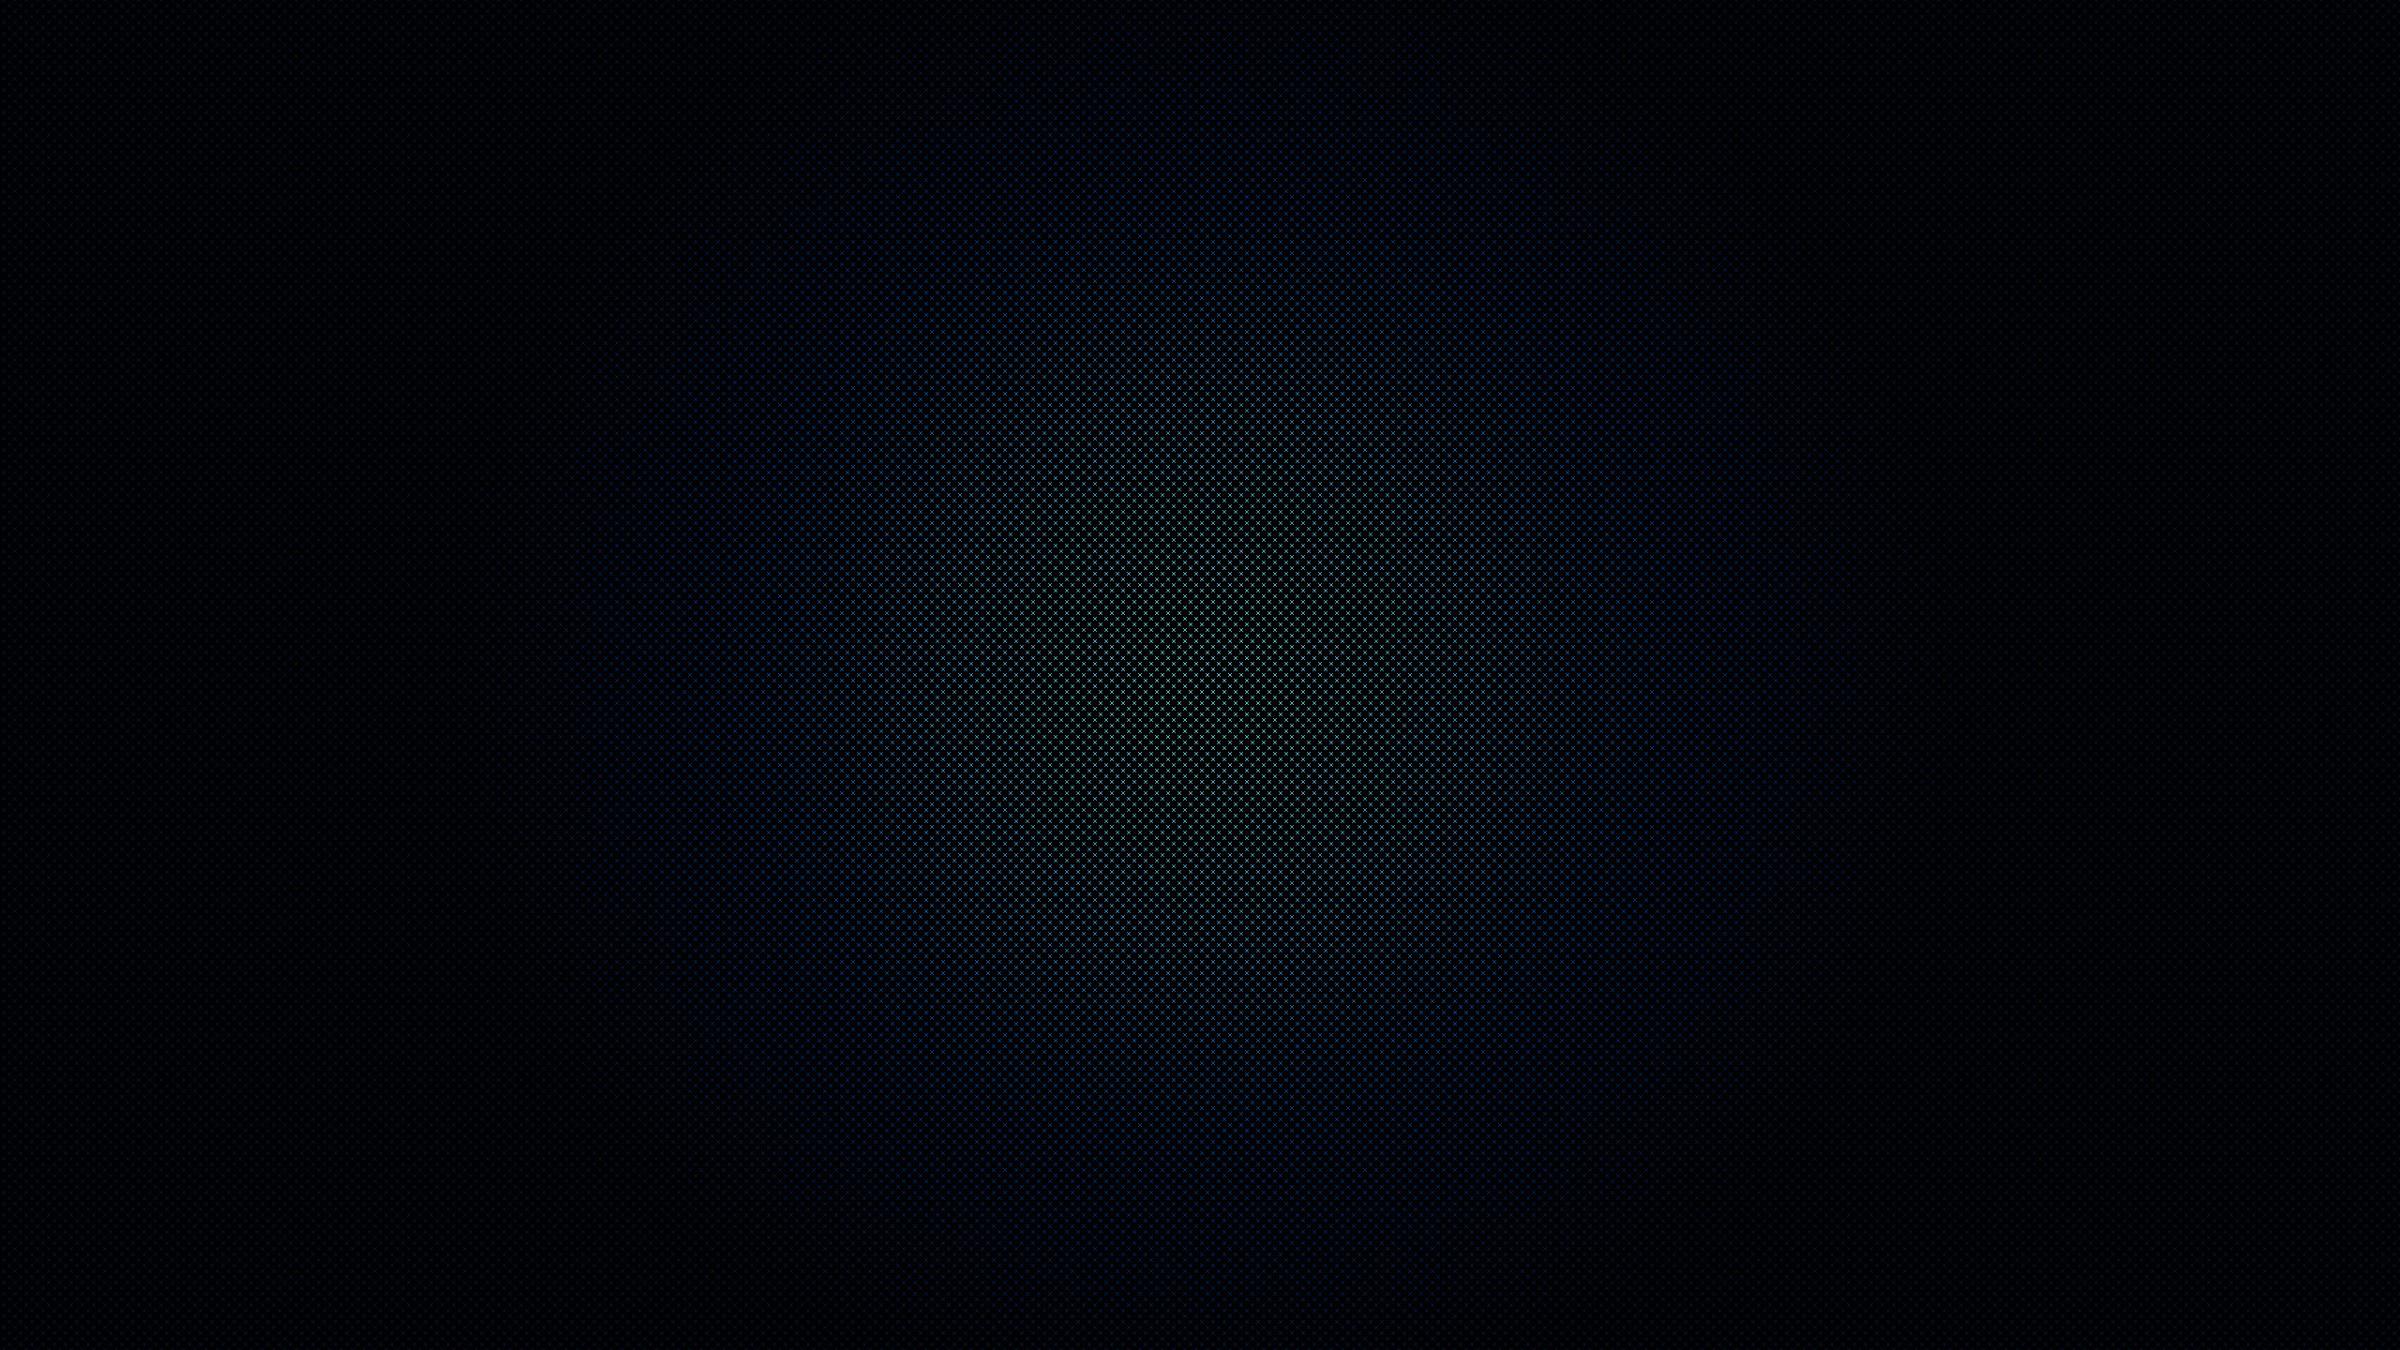 Черный фон  № 1312021 загрузить